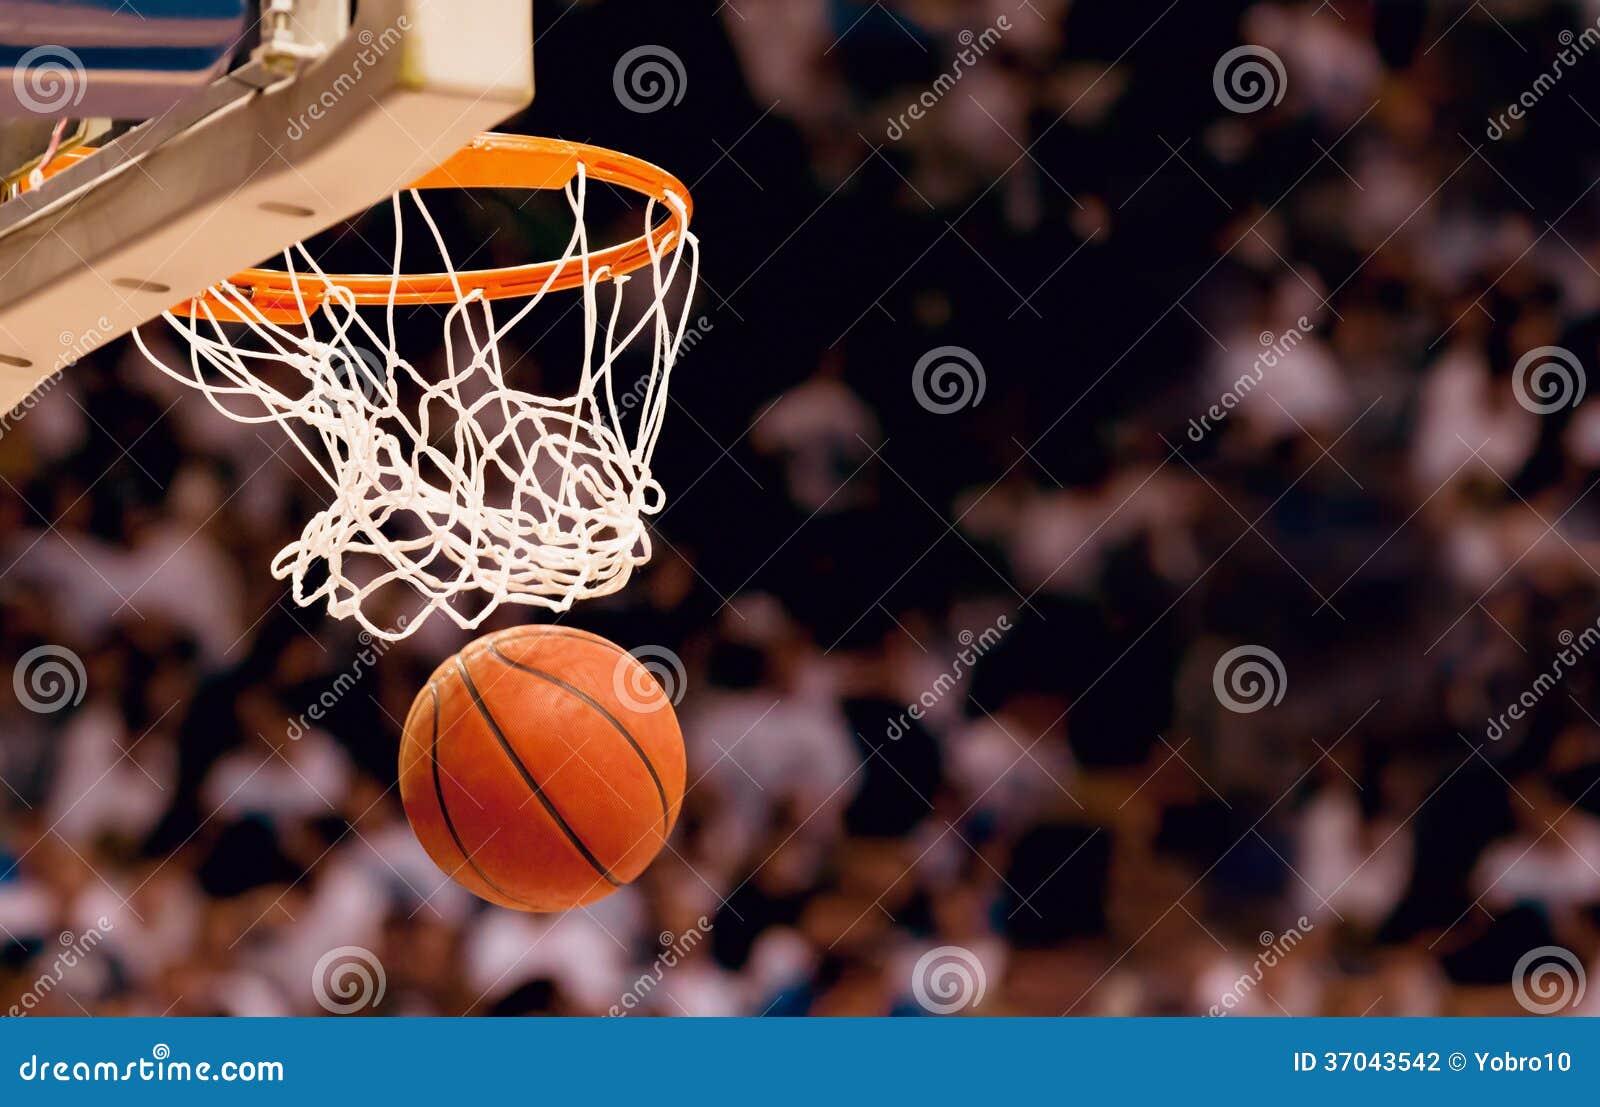 Basketball Scoring Points